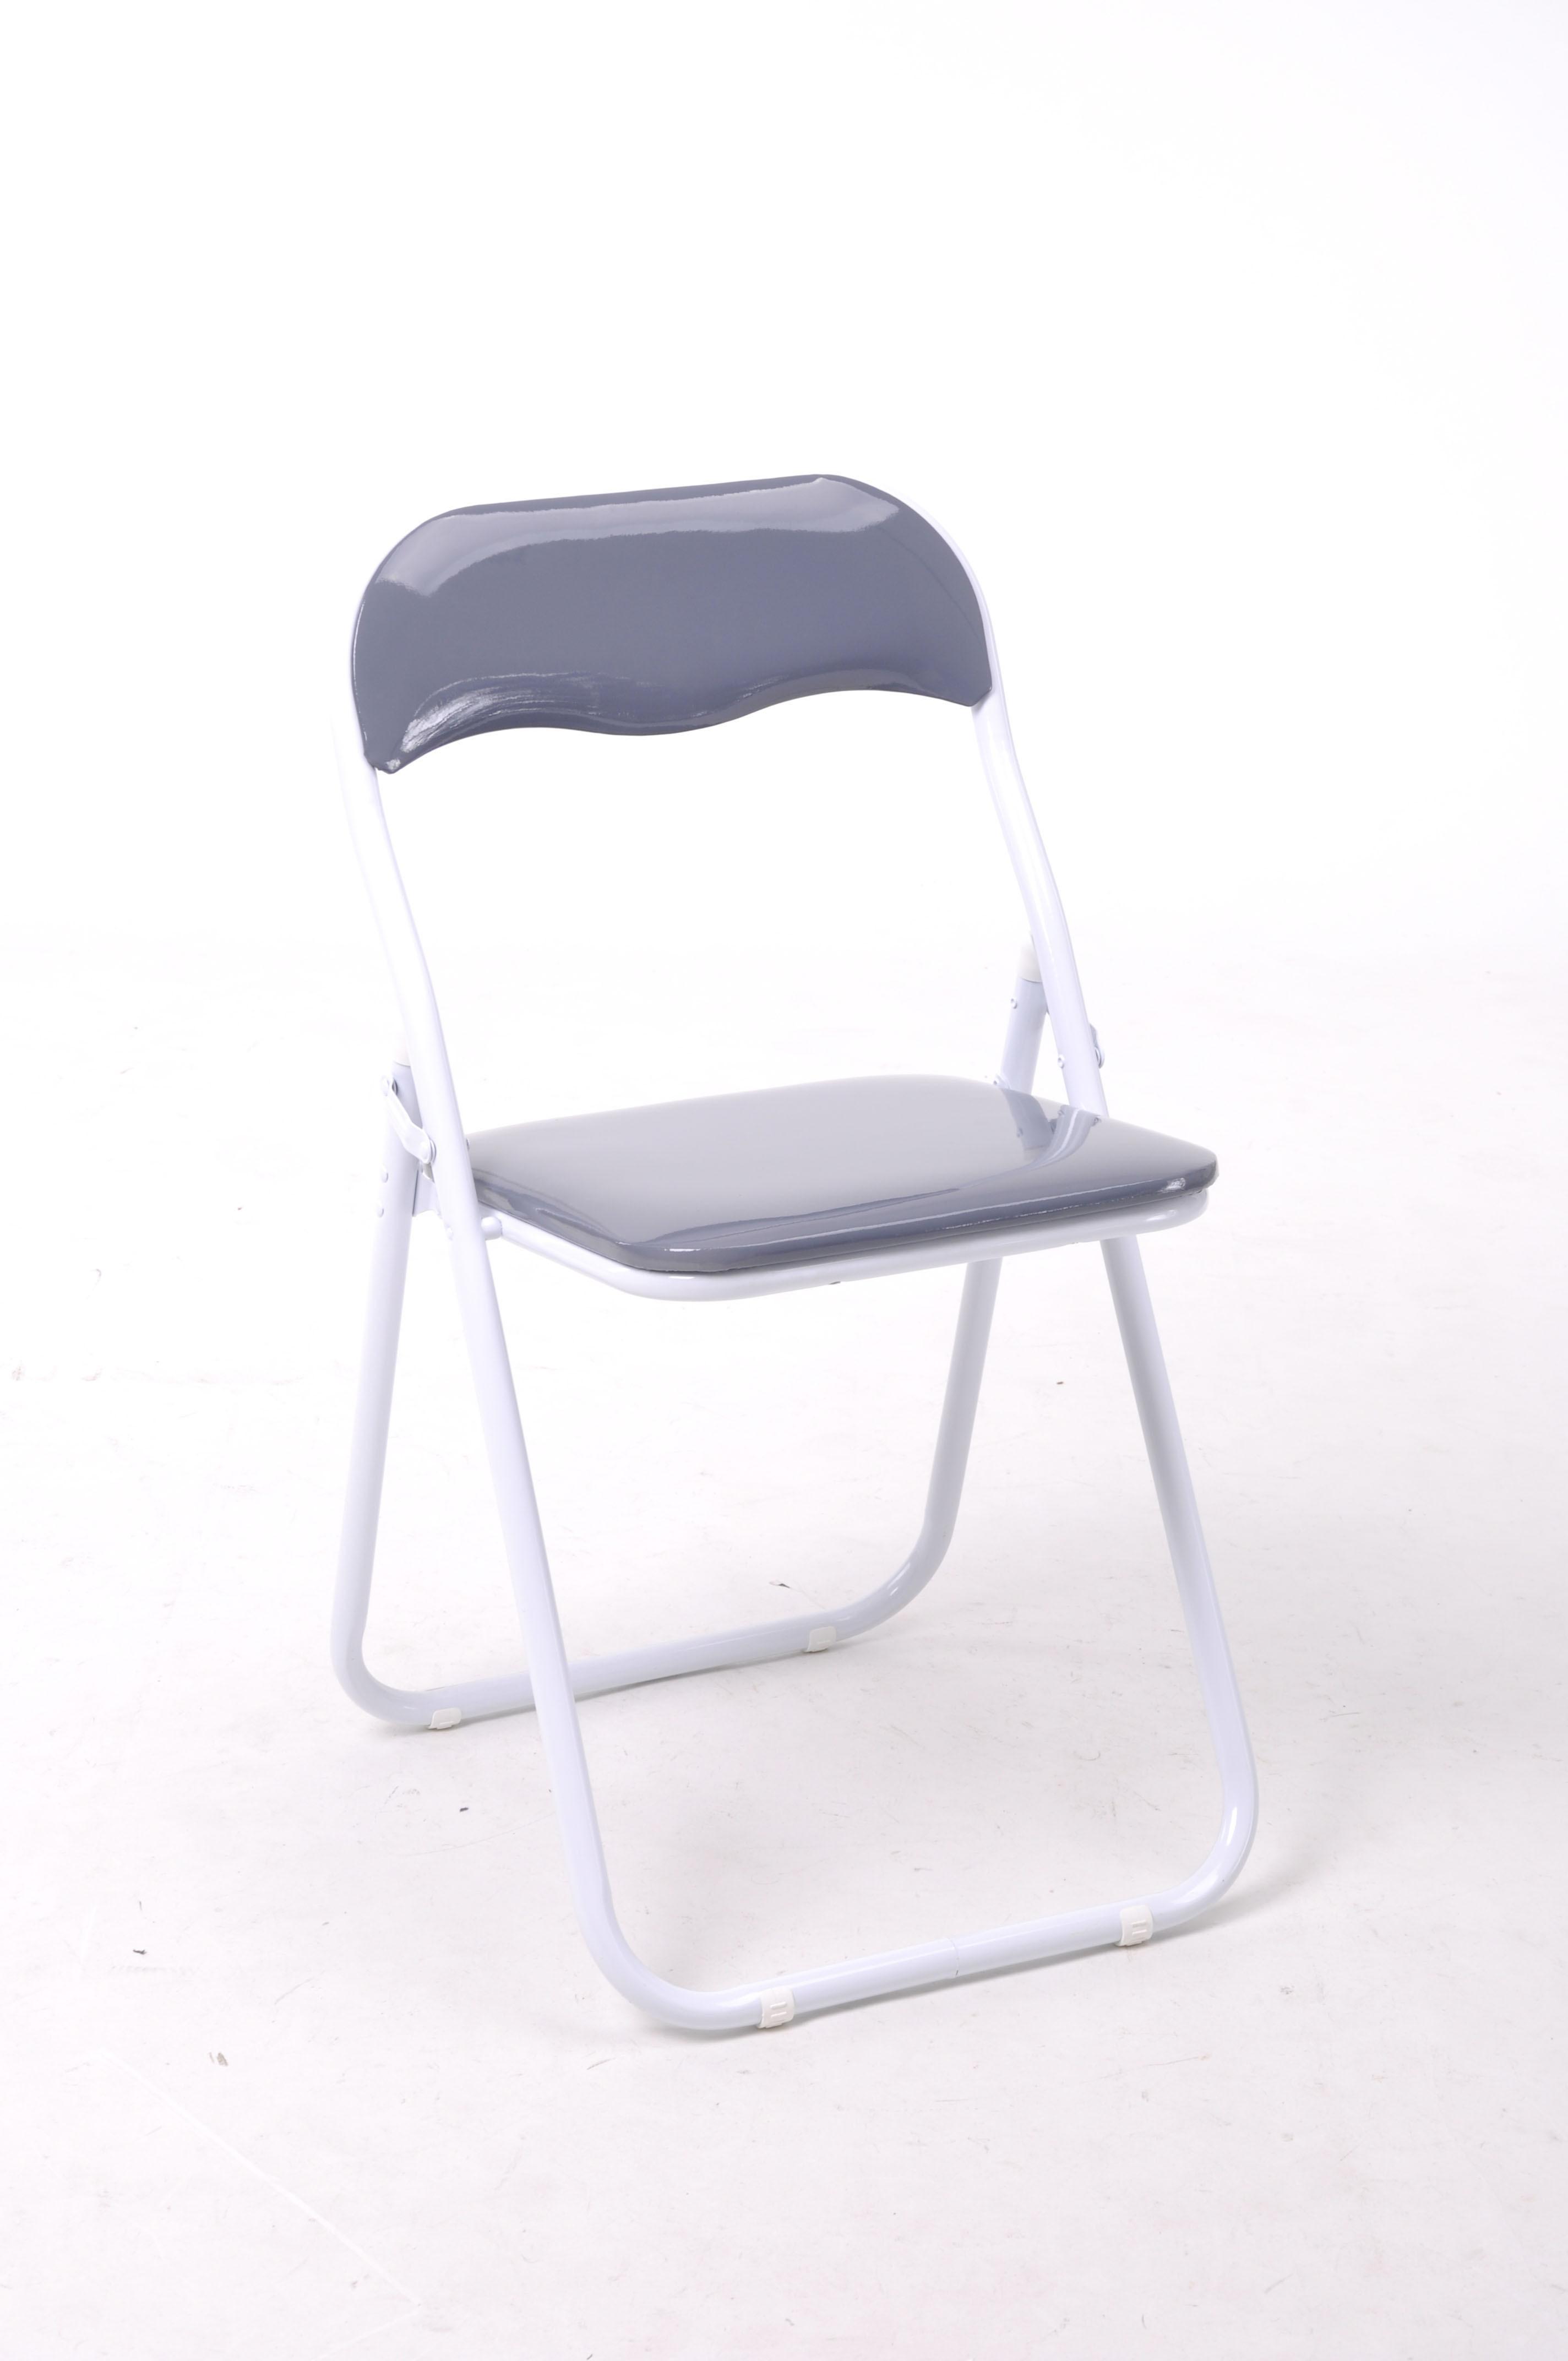 Carrefour home chaise pliante vinyle gris crocus for Chaise crocus